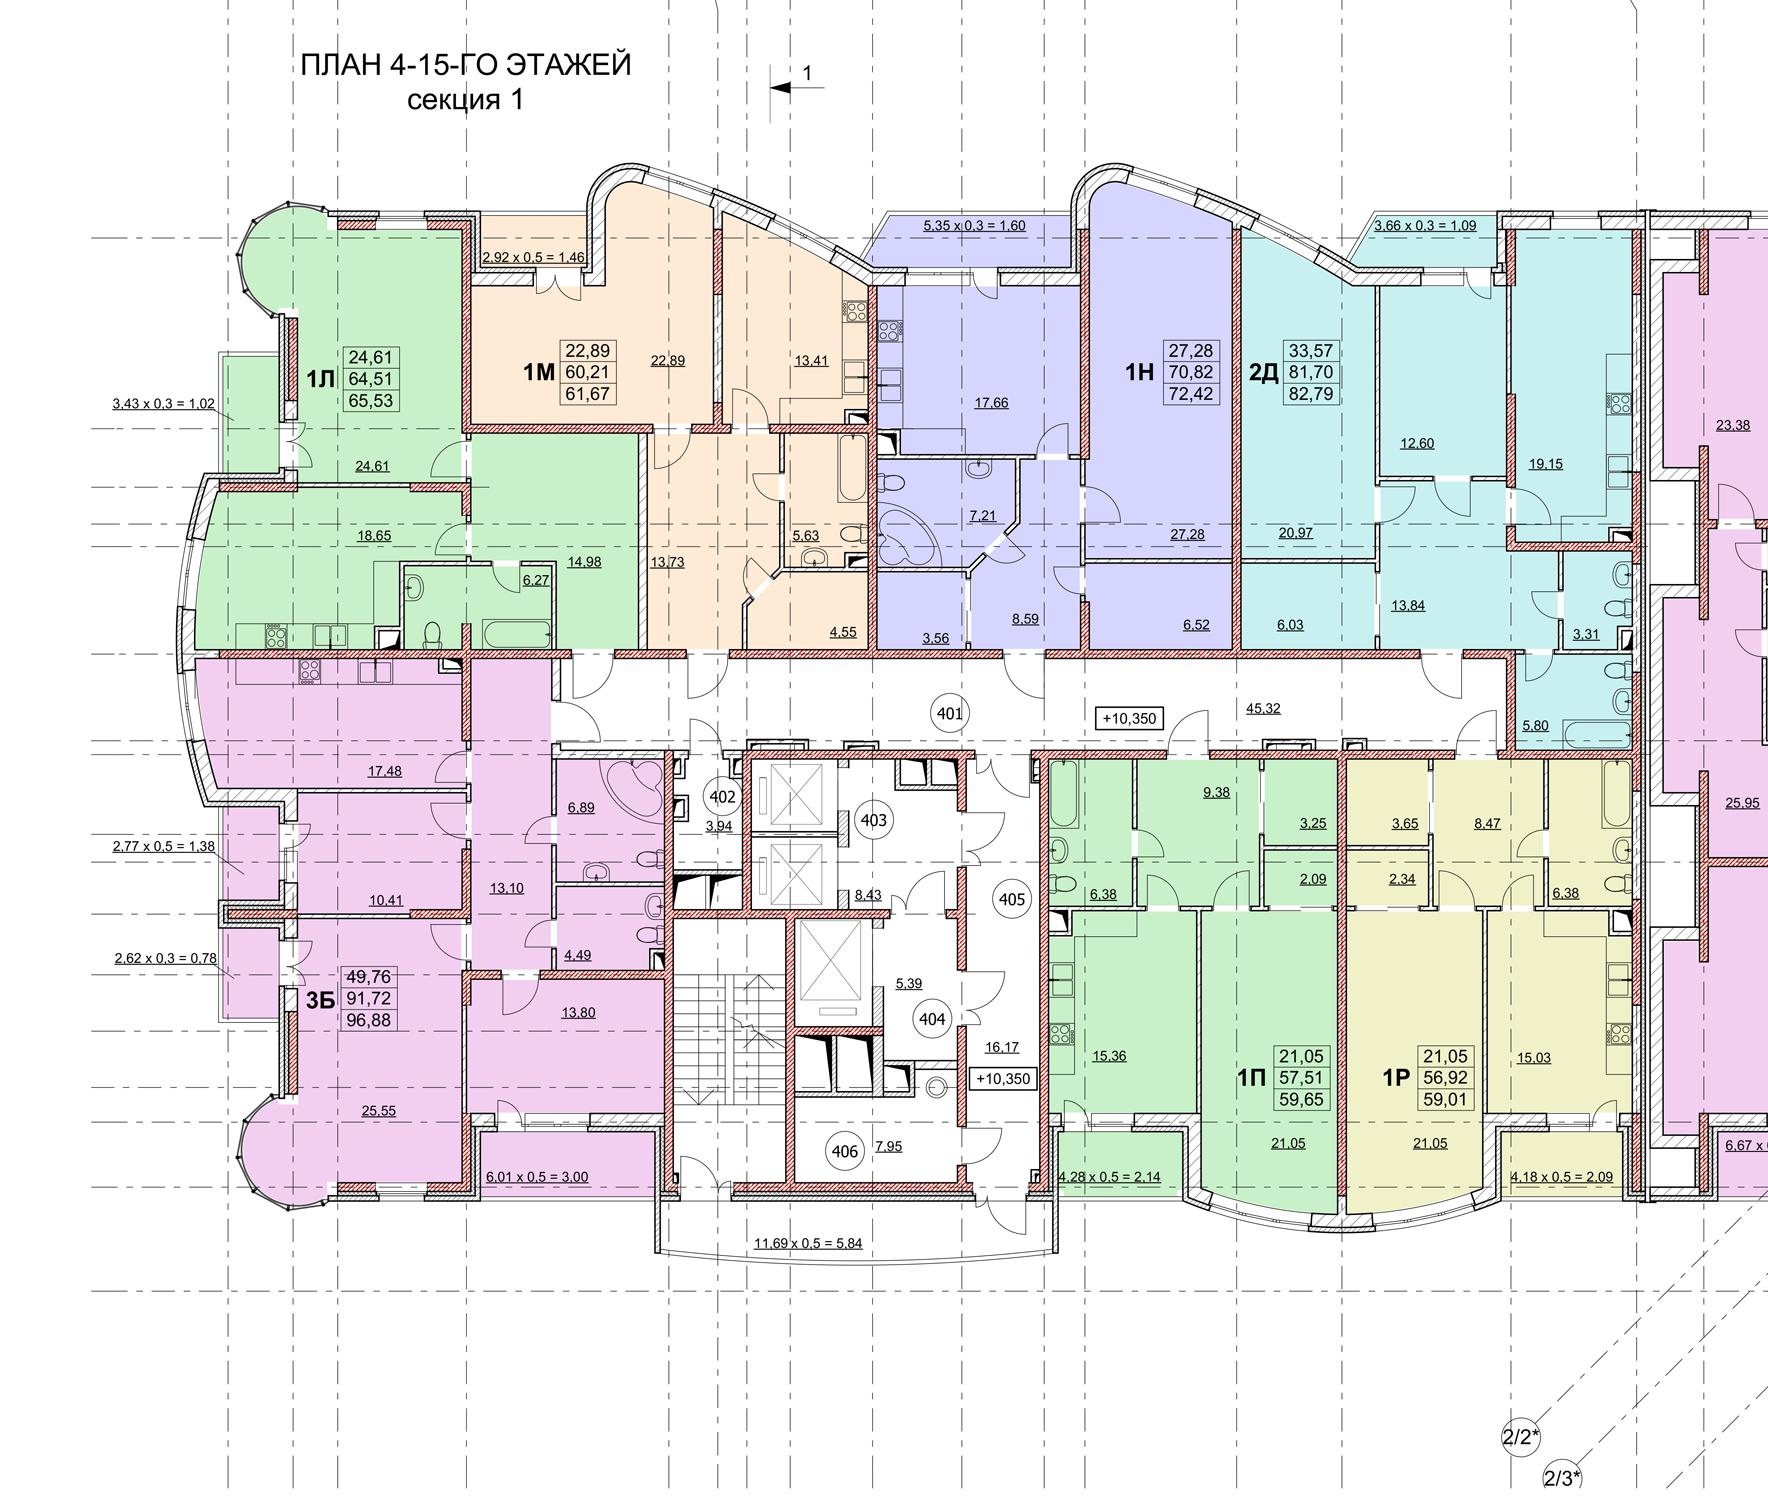 ЖК Гагаринский план 1 секции 4-15 этаж